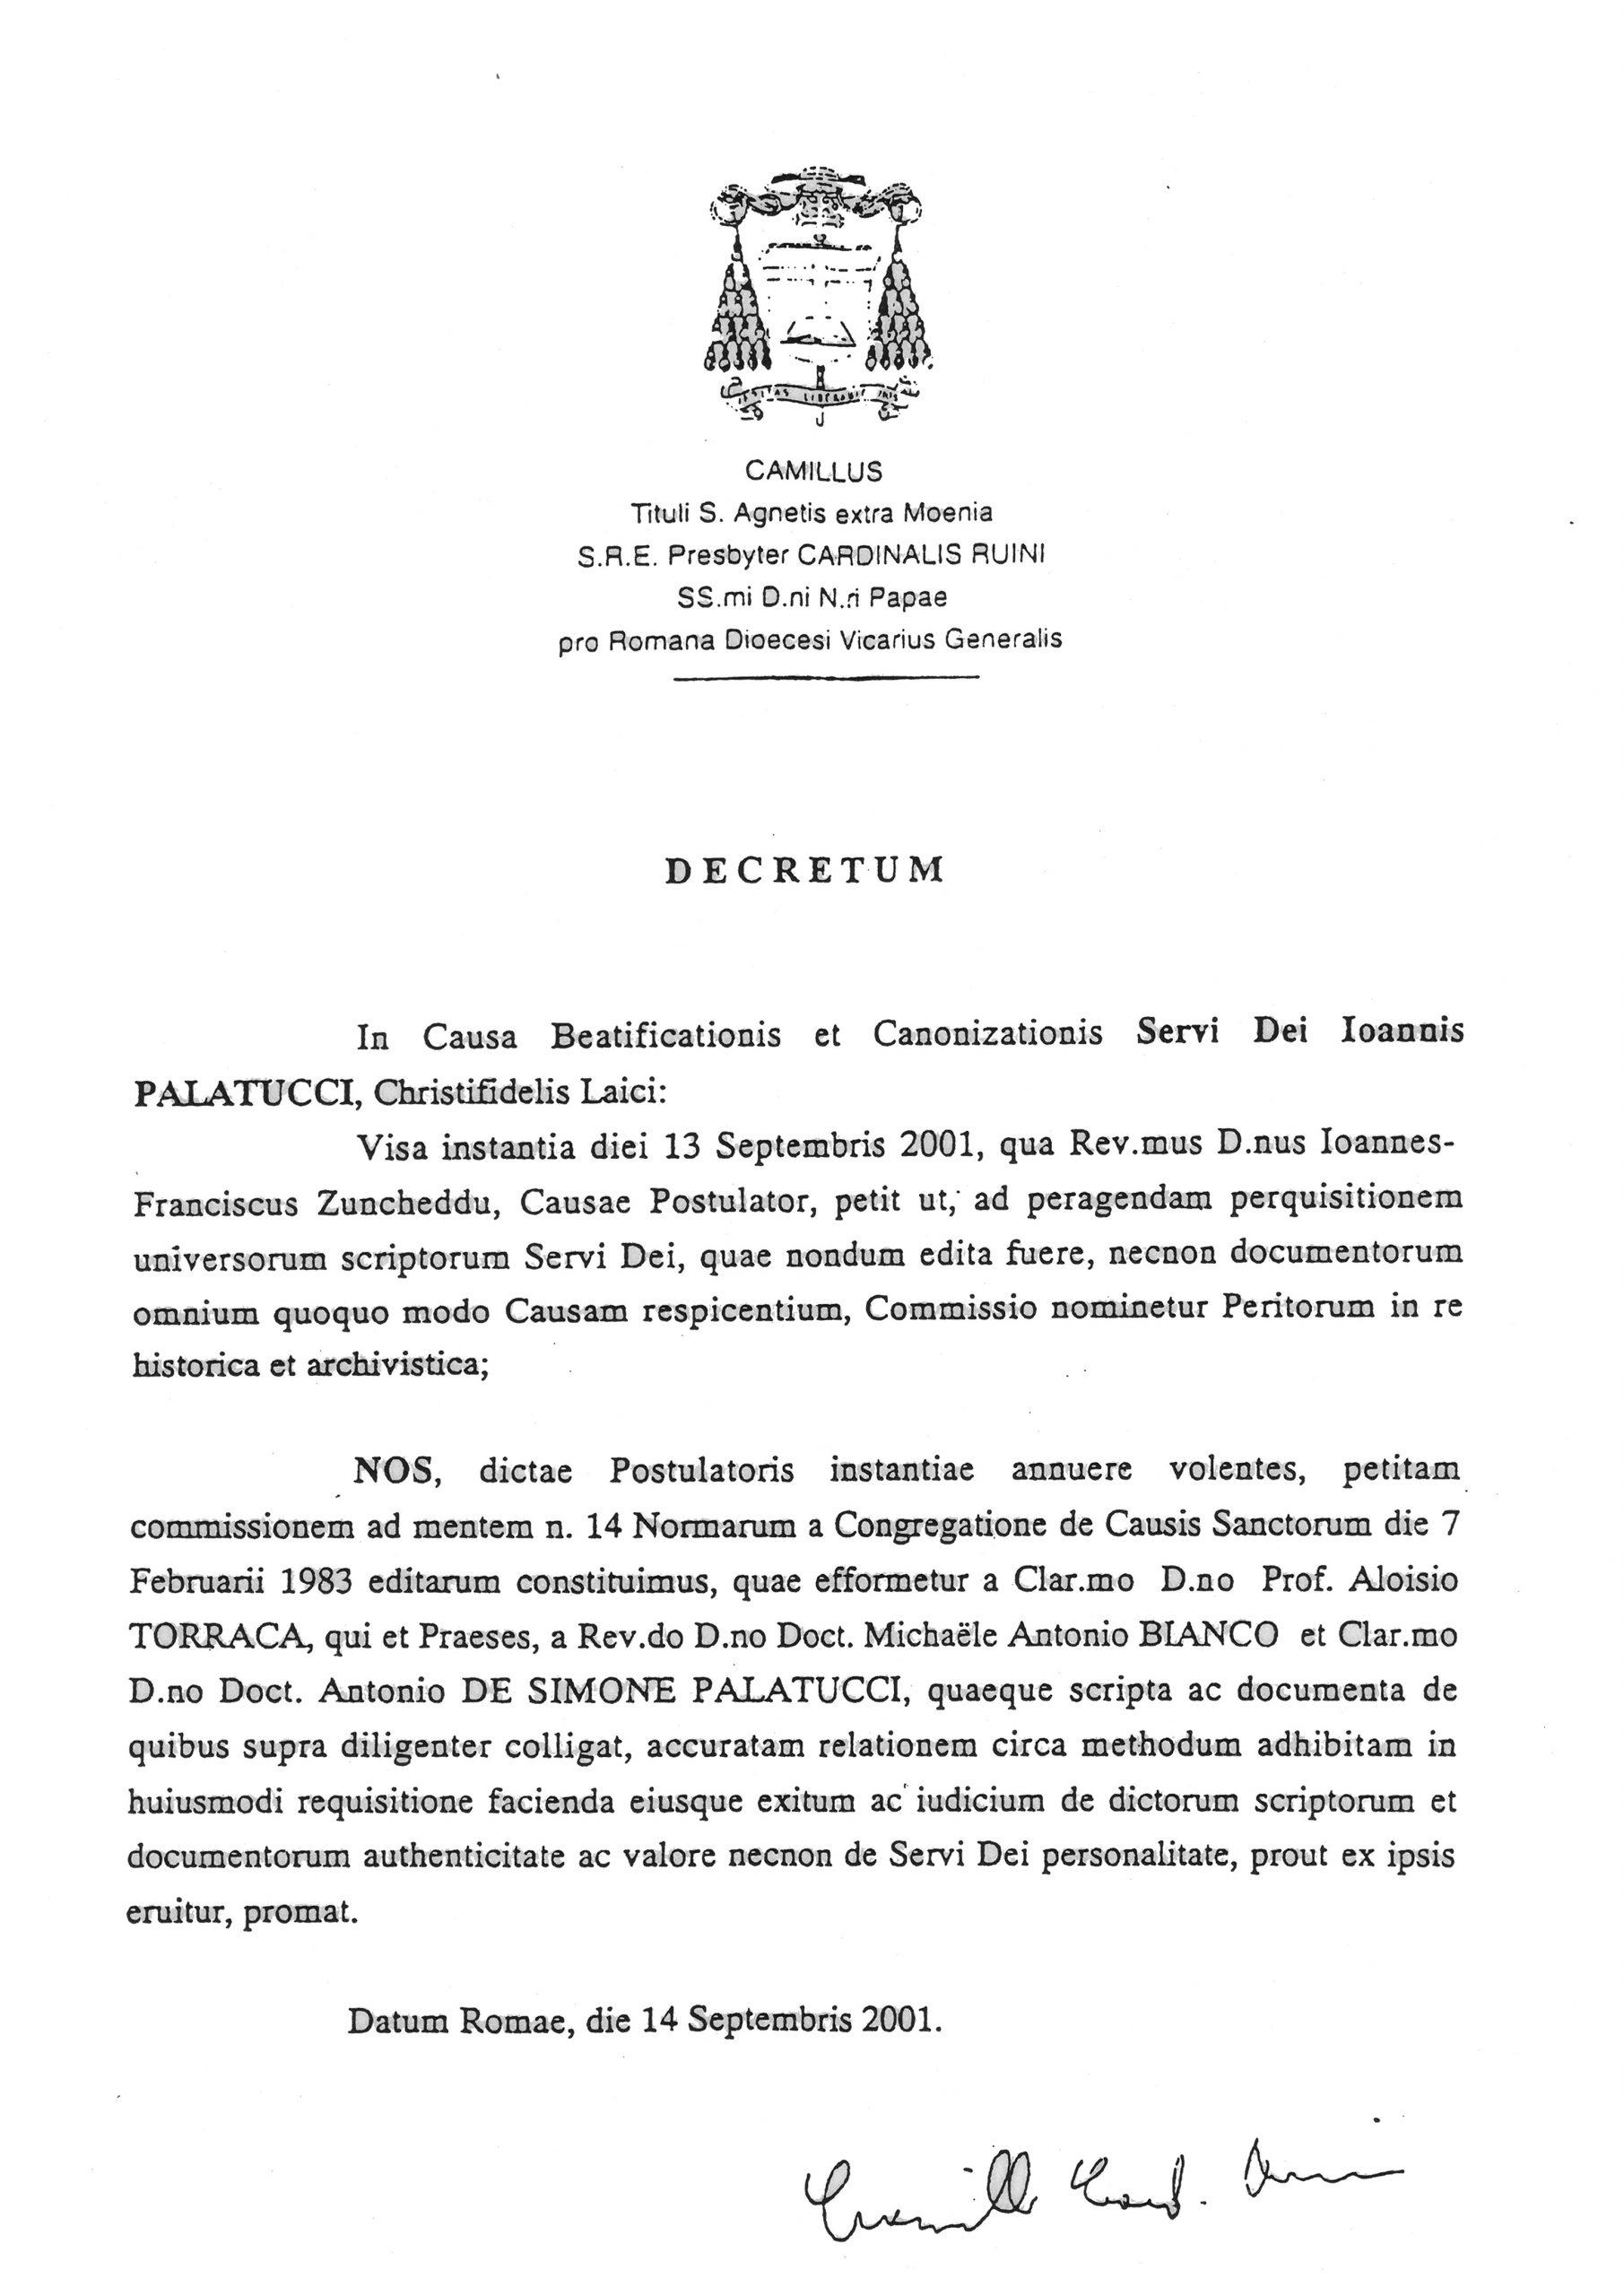 Editto Santa Sede sulla beatificazione di Giovanni Palatucci